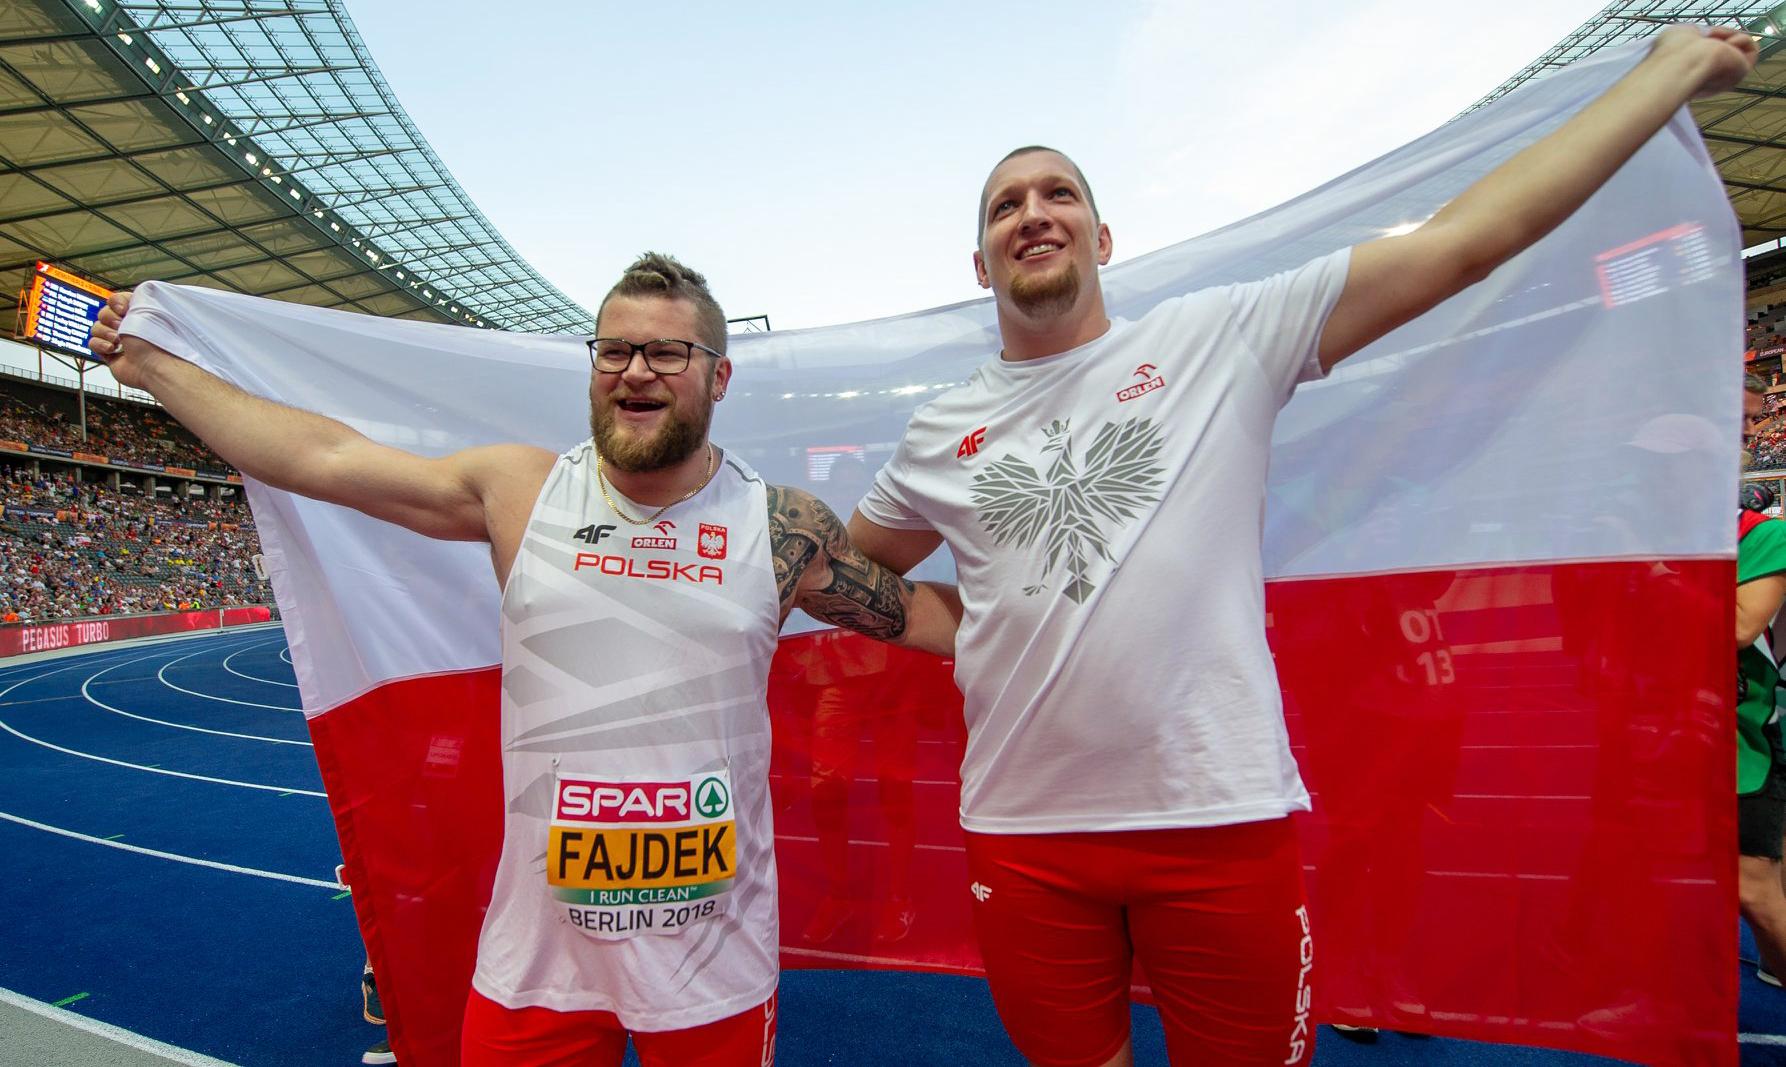 Lekkoatletyczne Mistrzostwa Europy wBerlinie – złoto Nowicki, srebro Fajdek